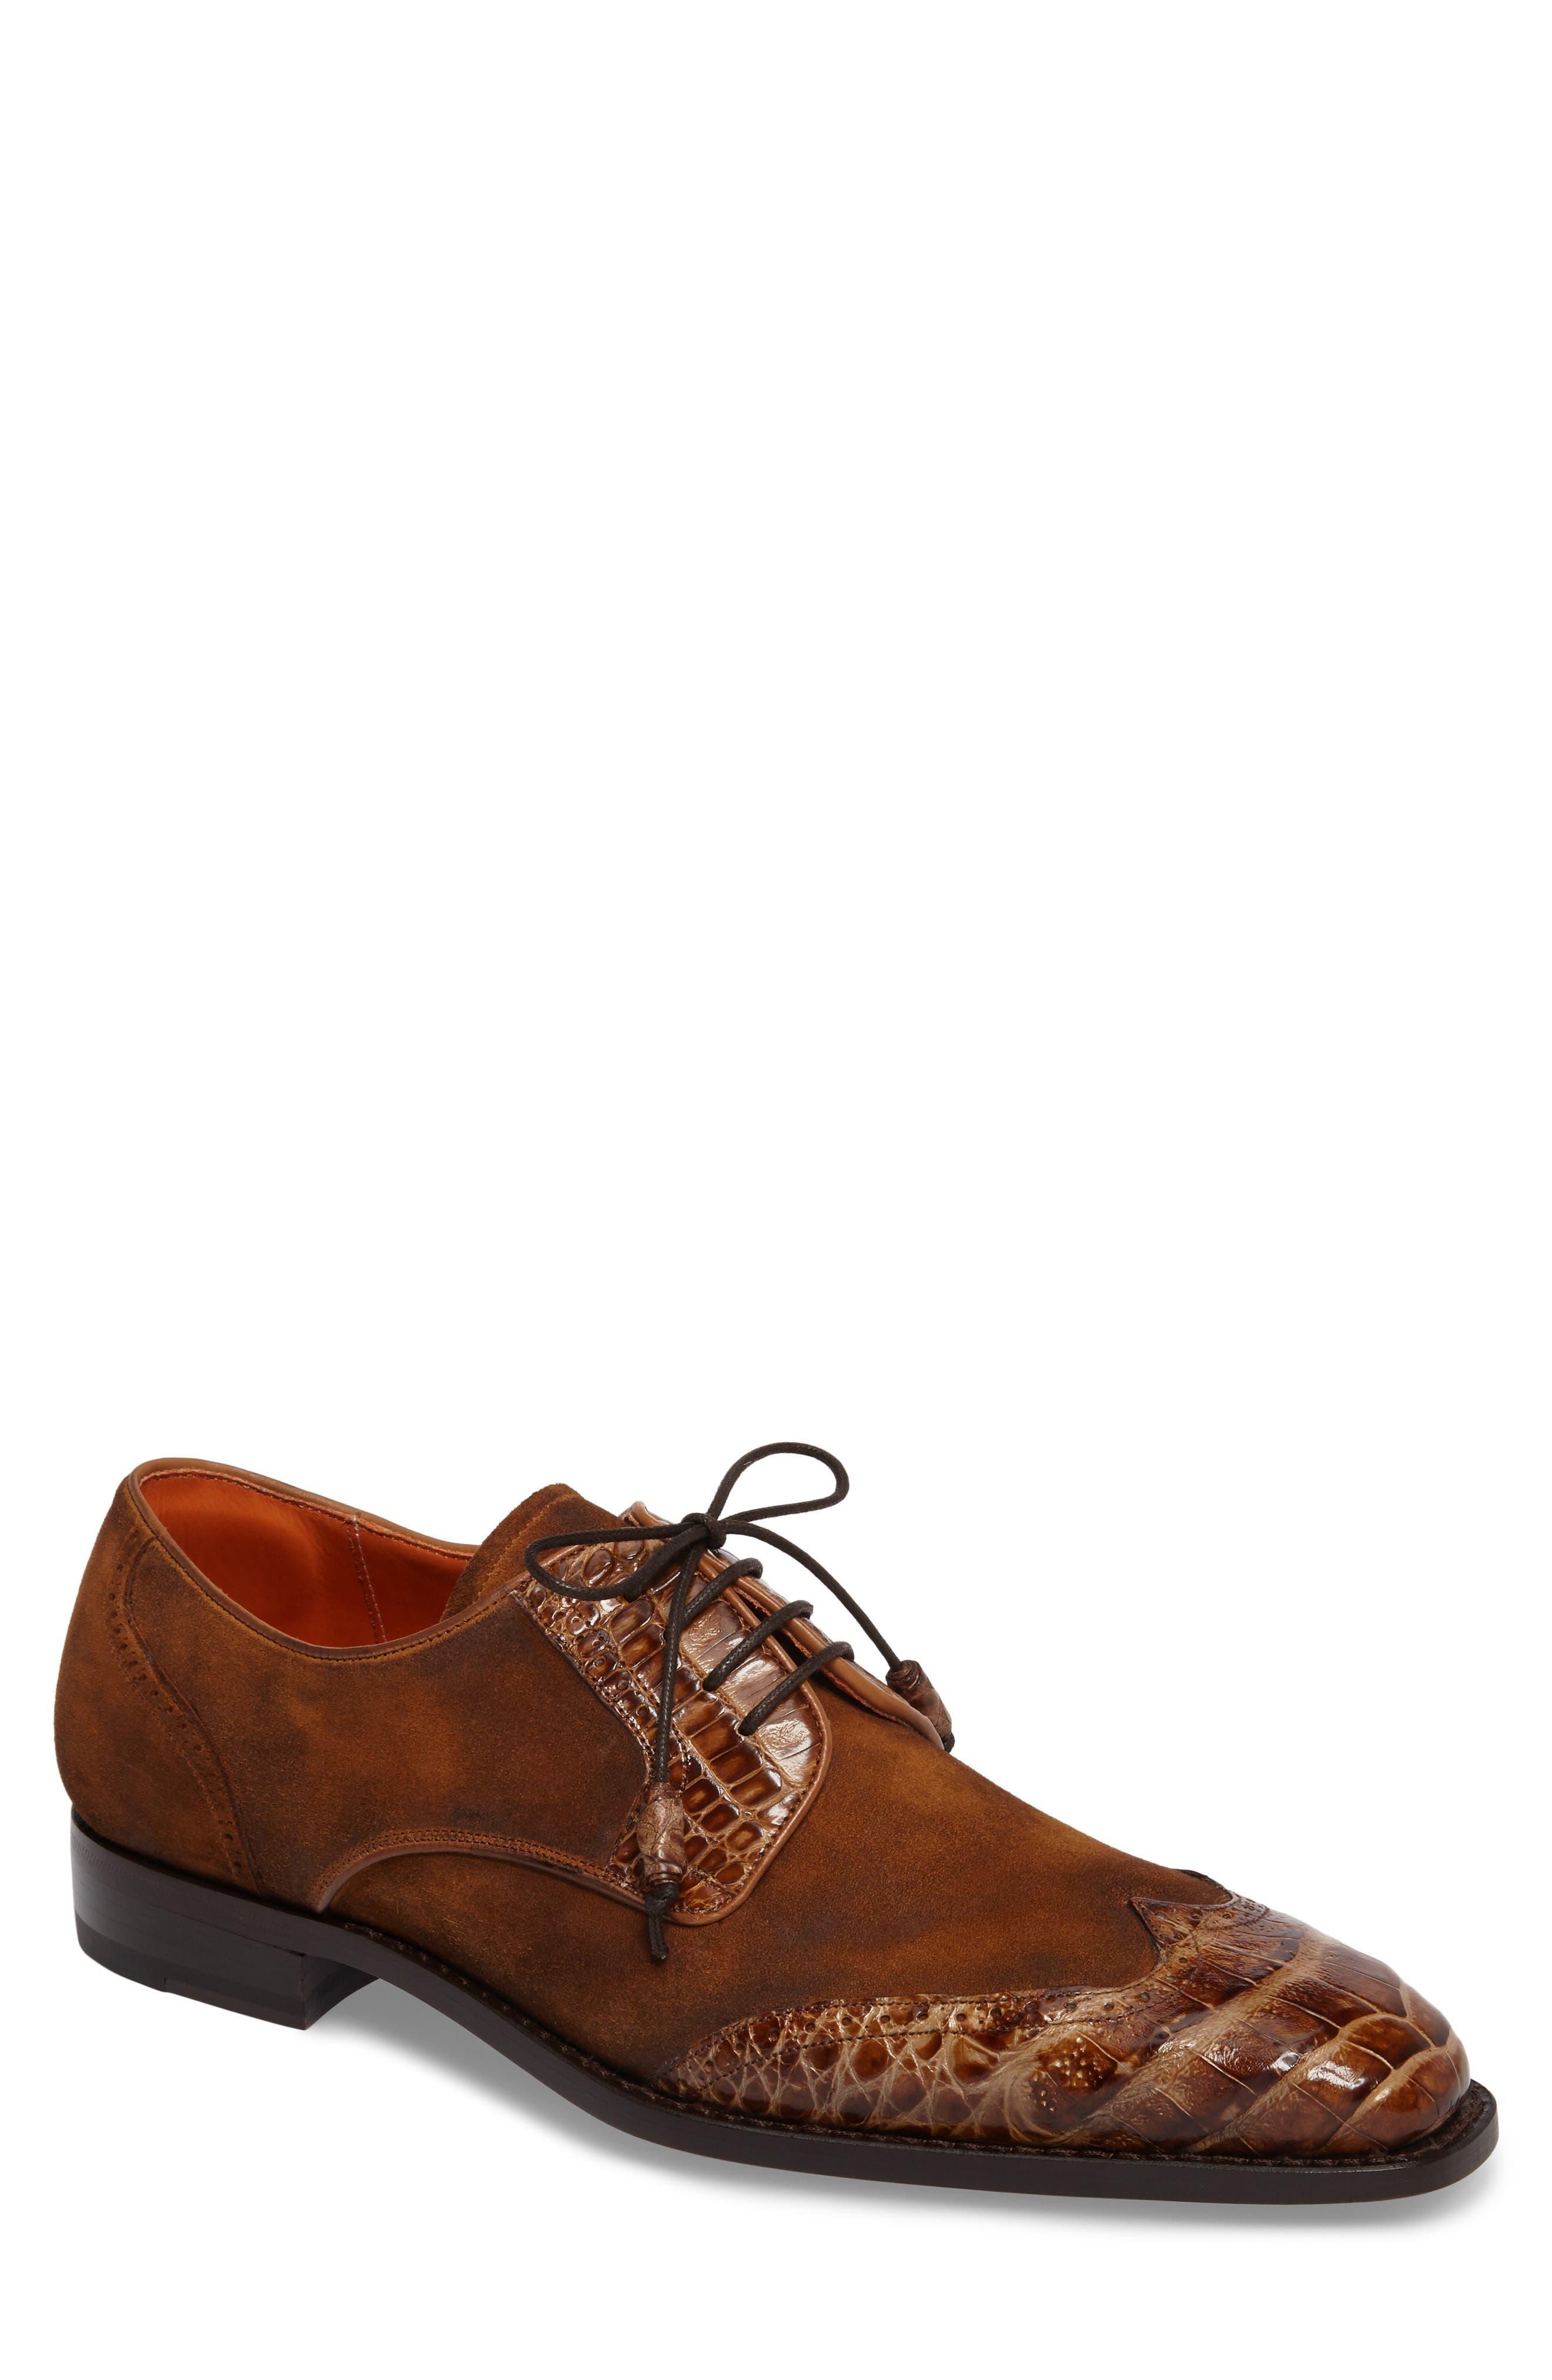 Nunez Spectator Shoe,                             Main thumbnail 1, color,                             CAMEL/ BEIGE